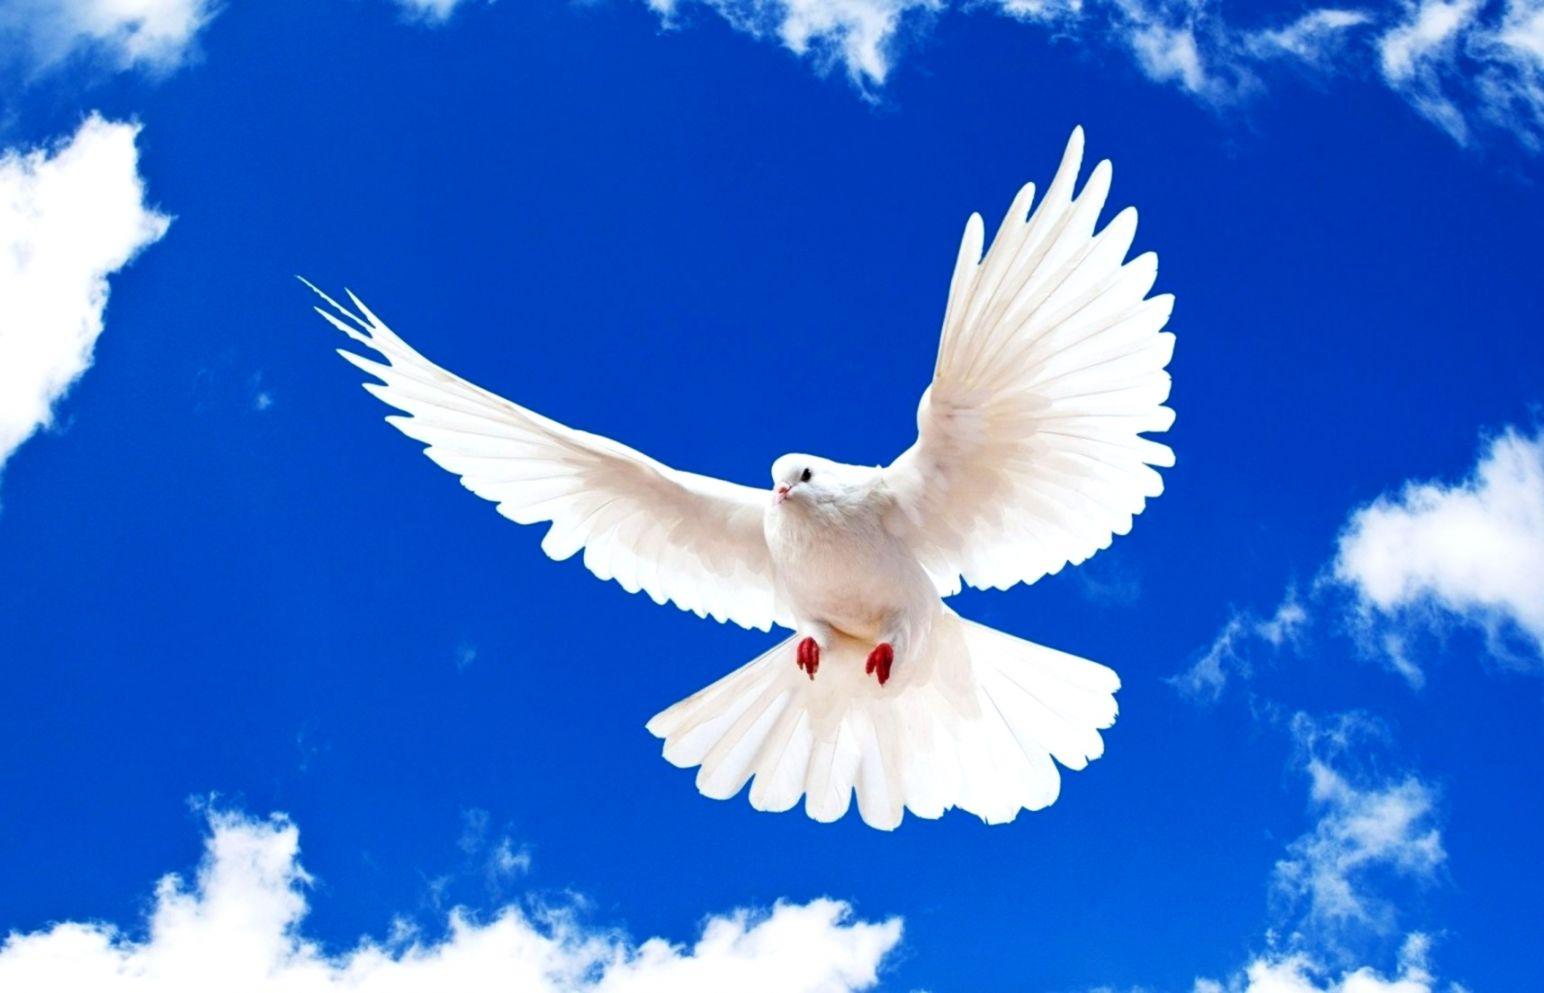 Blue Sky White Dove Flying New Desktop Wallpaper In - White Bird Flying In The Sky , HD Wallpaper & Backgrounds